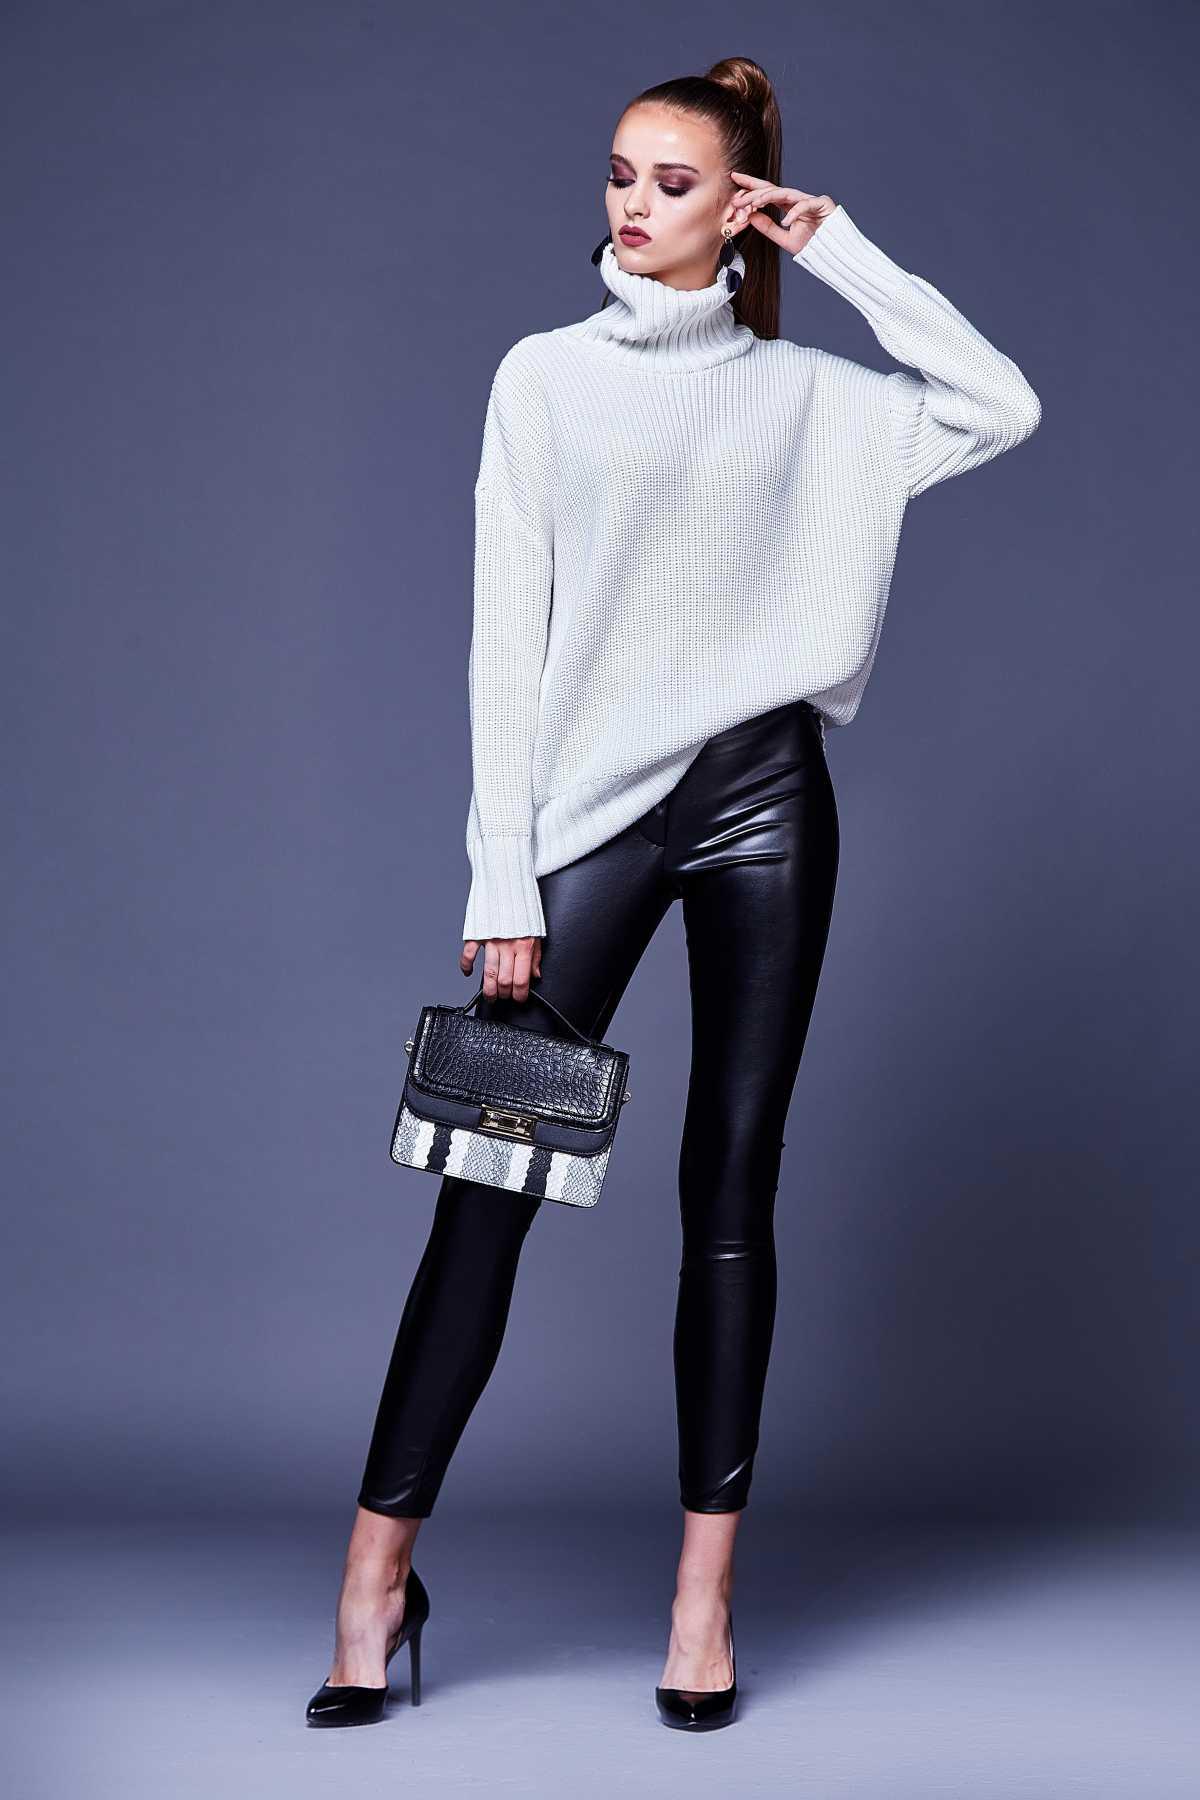 Blusa pulôver branca com calça de couro preta